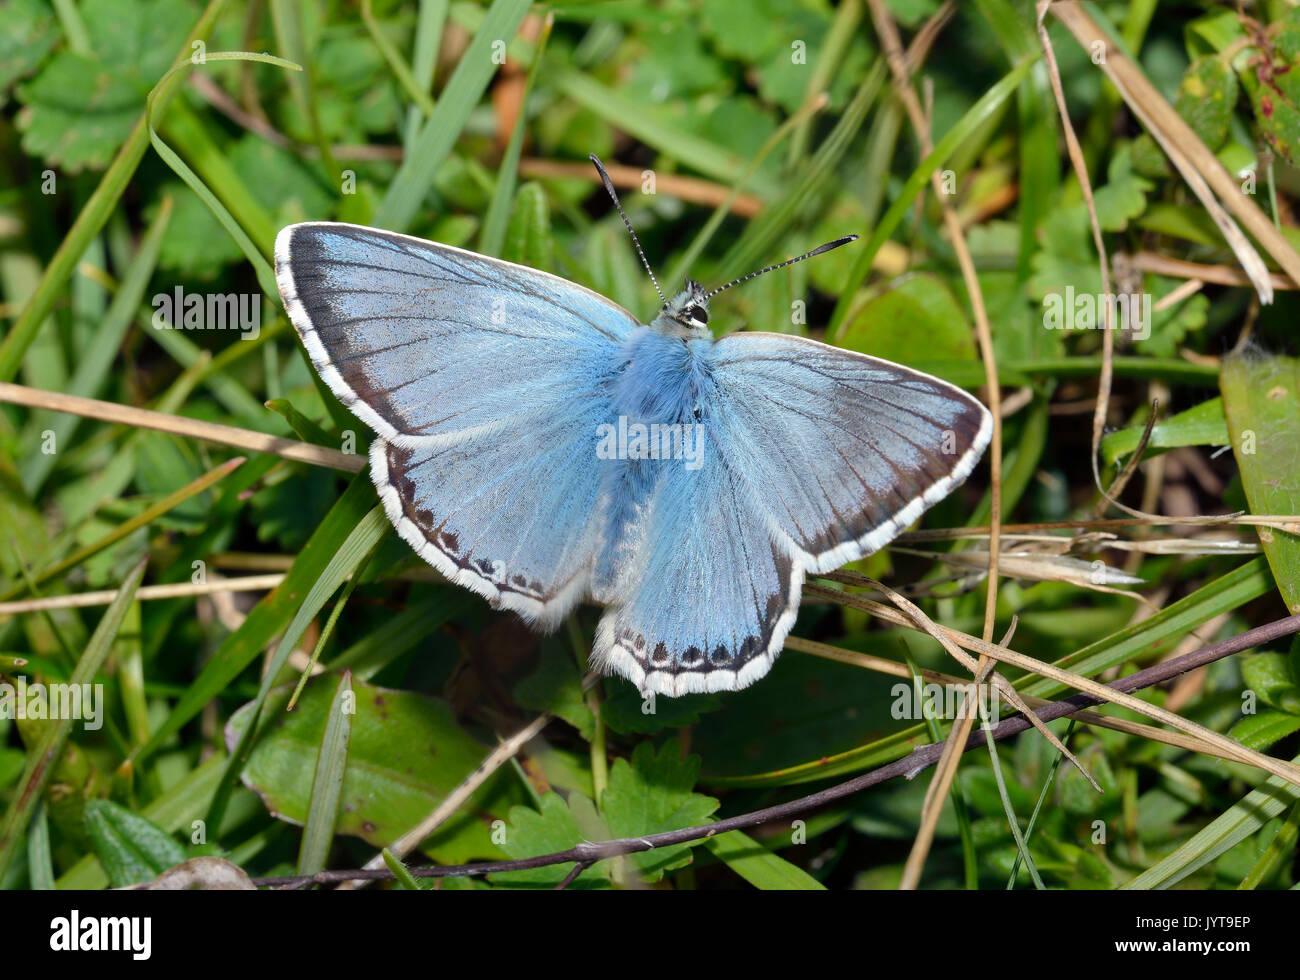 Chalkhill Blue Butterfly - Lysandra coridon Male on grass - Stock Image